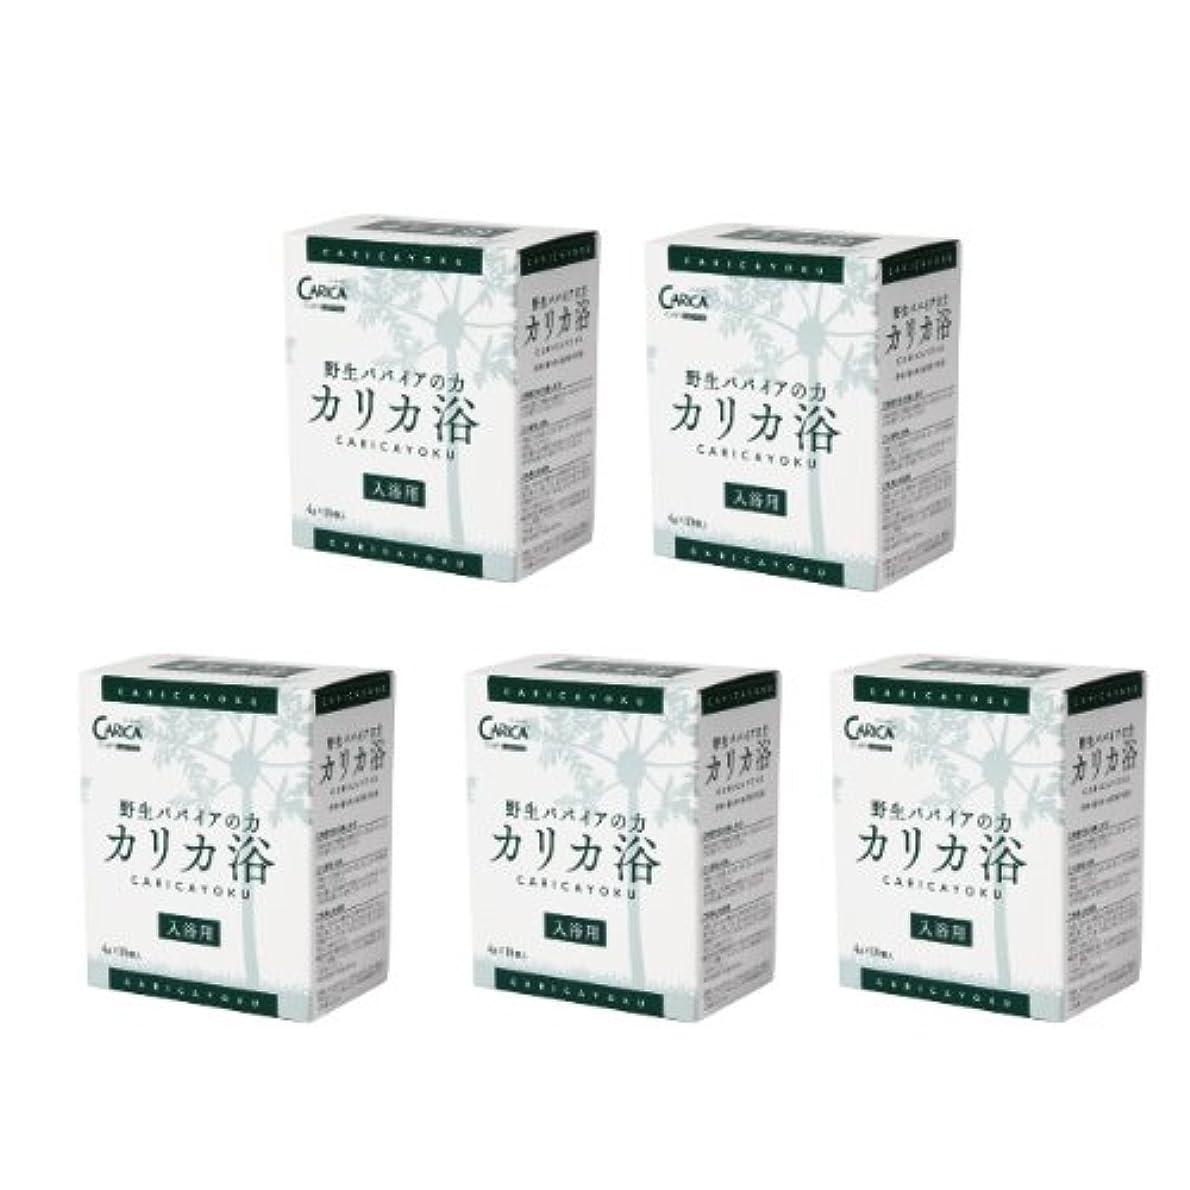 カタログ突っ込む変化カリカ浴(4g x 10包) 5箱セット + おまけ(カリカ浴 5包付き)